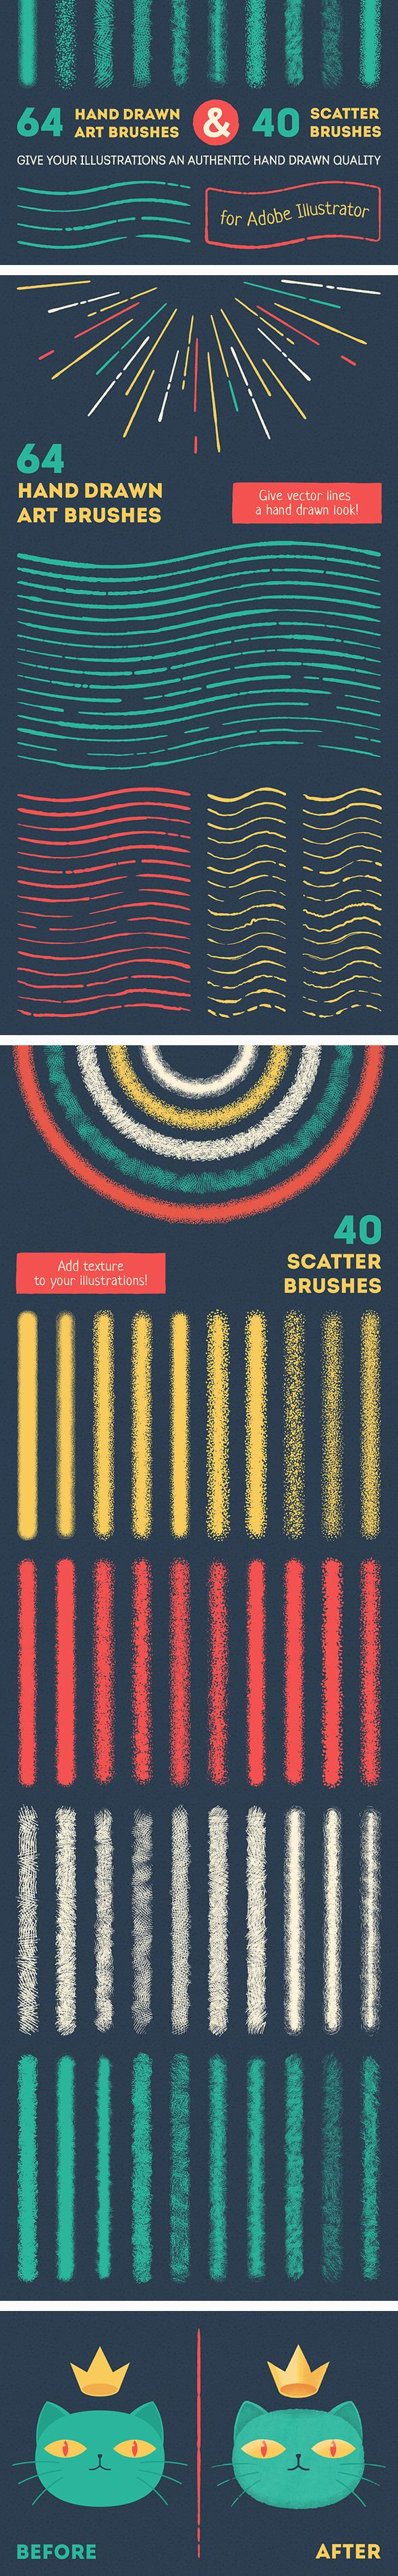 Vector Brush Set by koltsovserezha | GraphicRiver